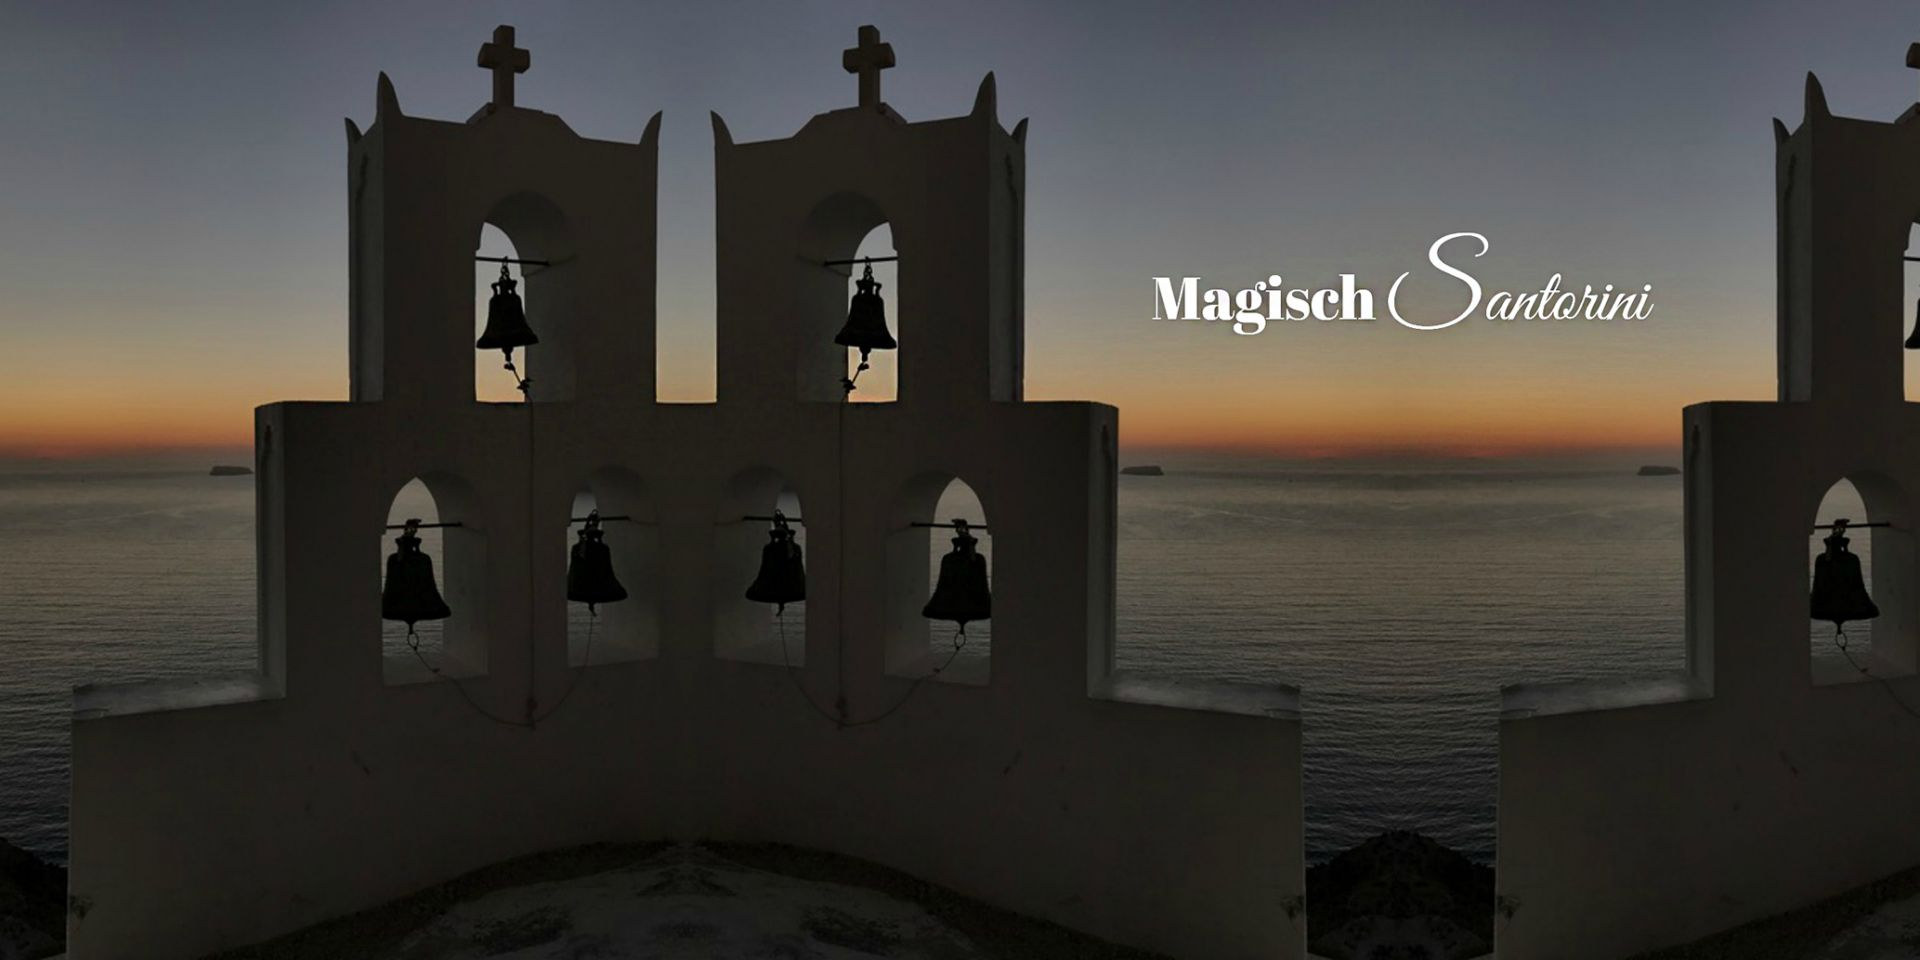 Magisch Santorini Griekenland - Travel